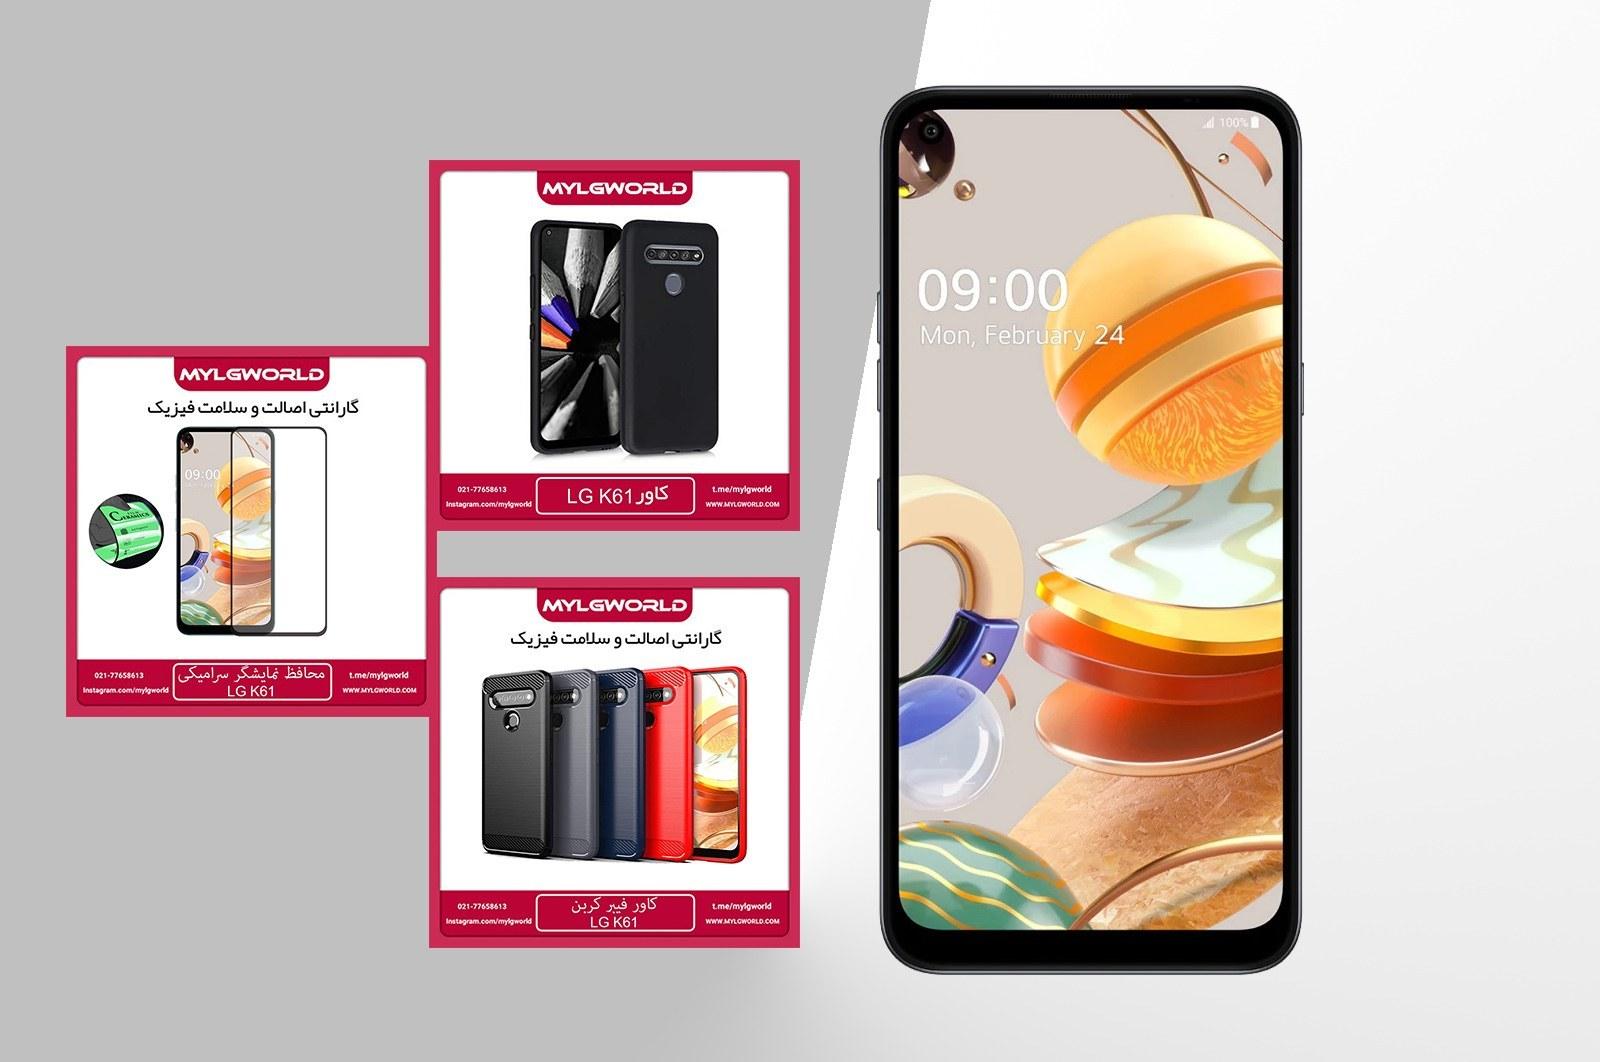 تصویر موبایل LG k61 به همراه کاور فیبر کربن + گلس سرامیکی + کاور سیلیکونی